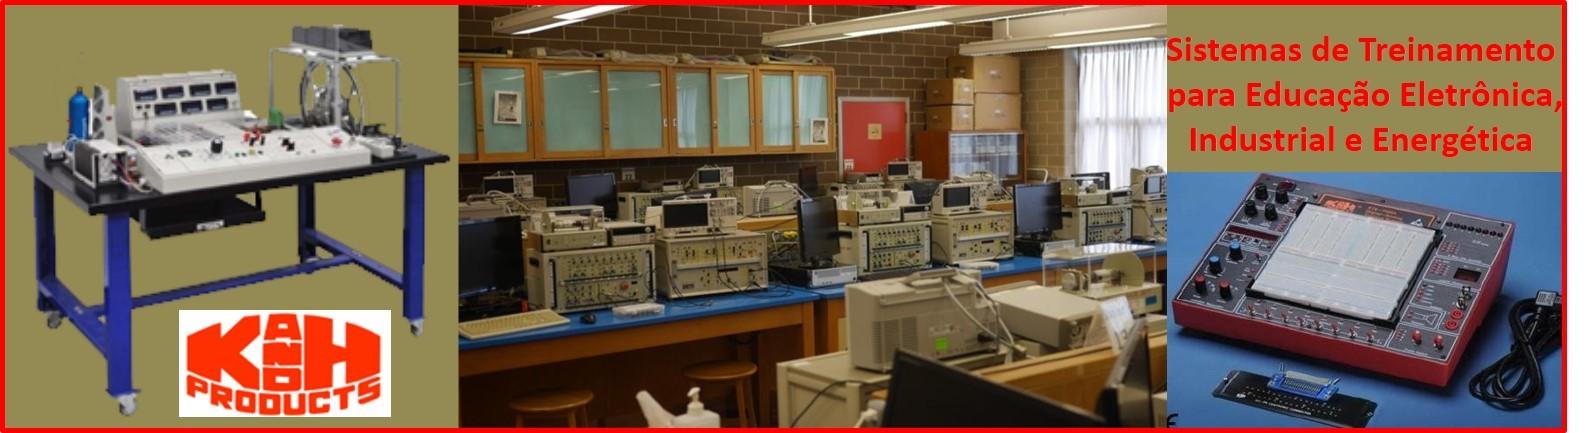 Sistemas de Treinamento para Eletrônicos - Educação, Industrial e Energia